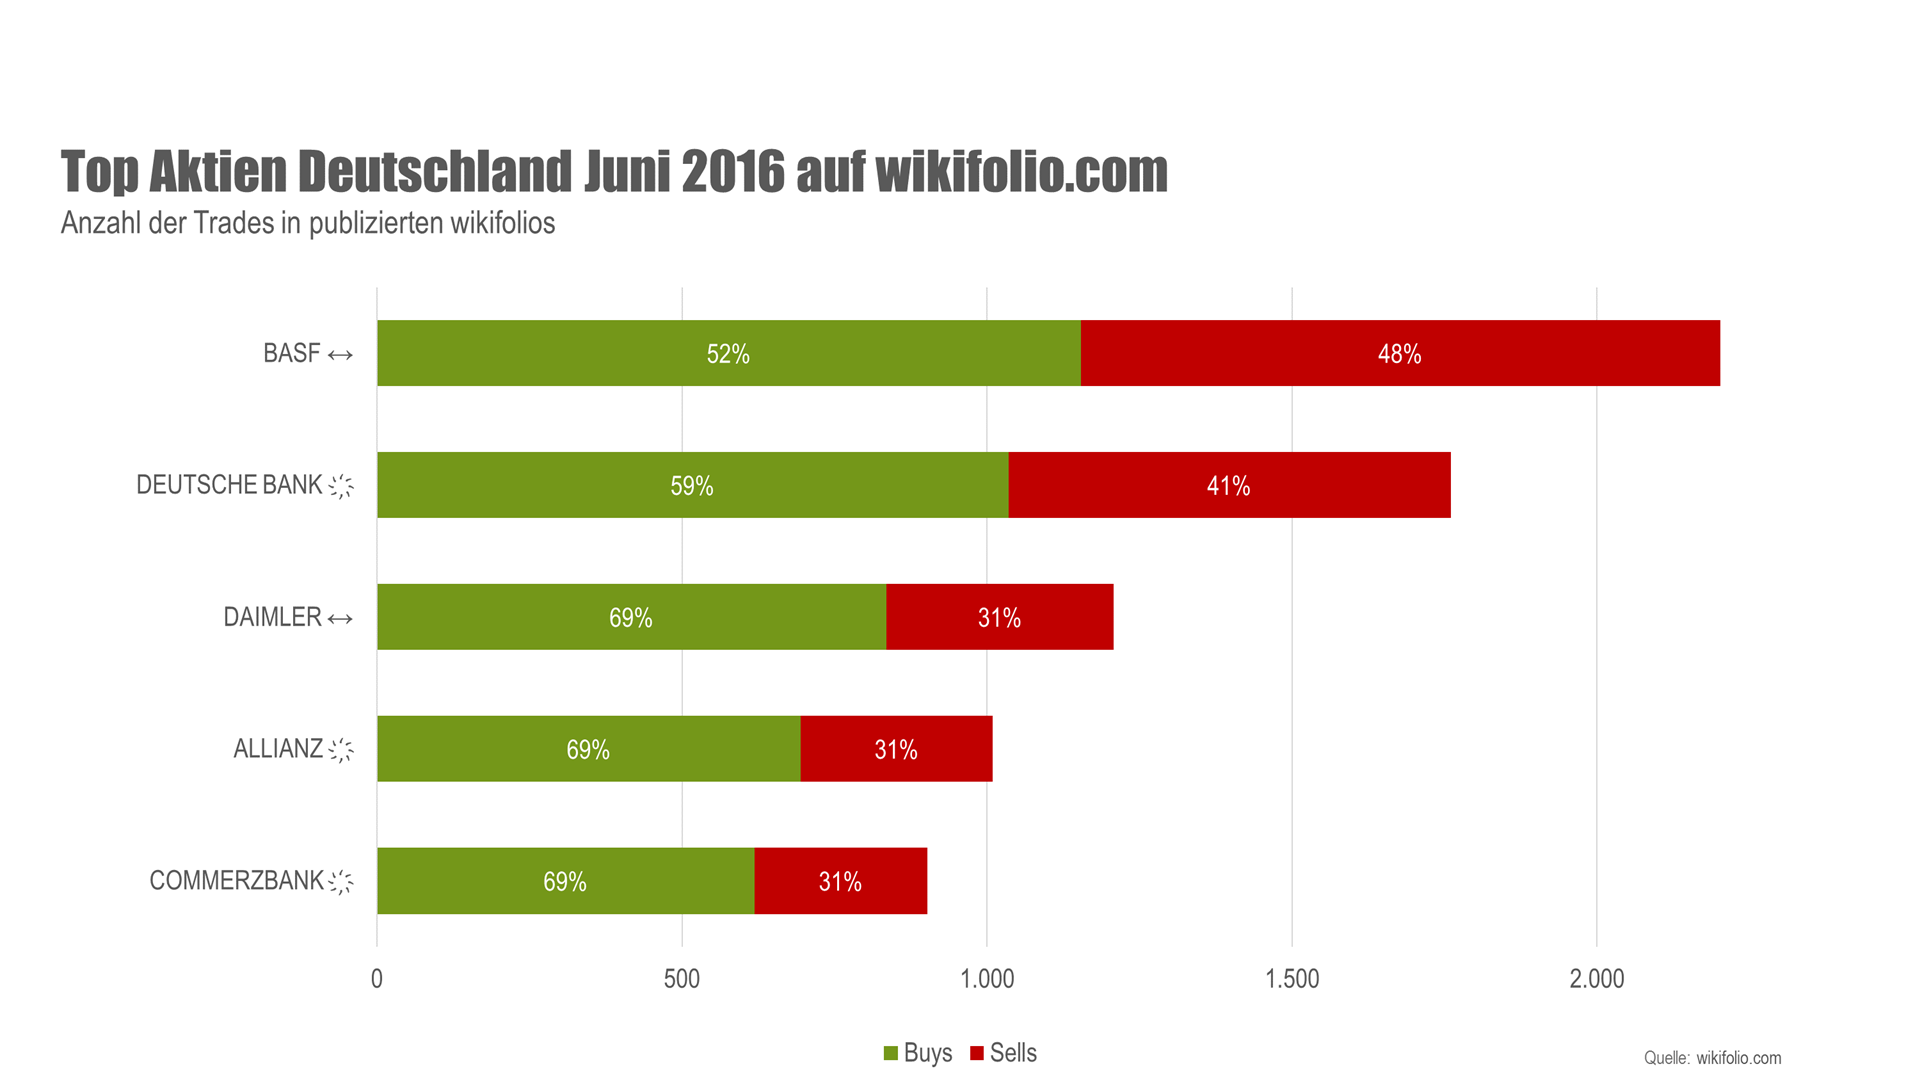 Grafik Top Aktien Deutschland Juni